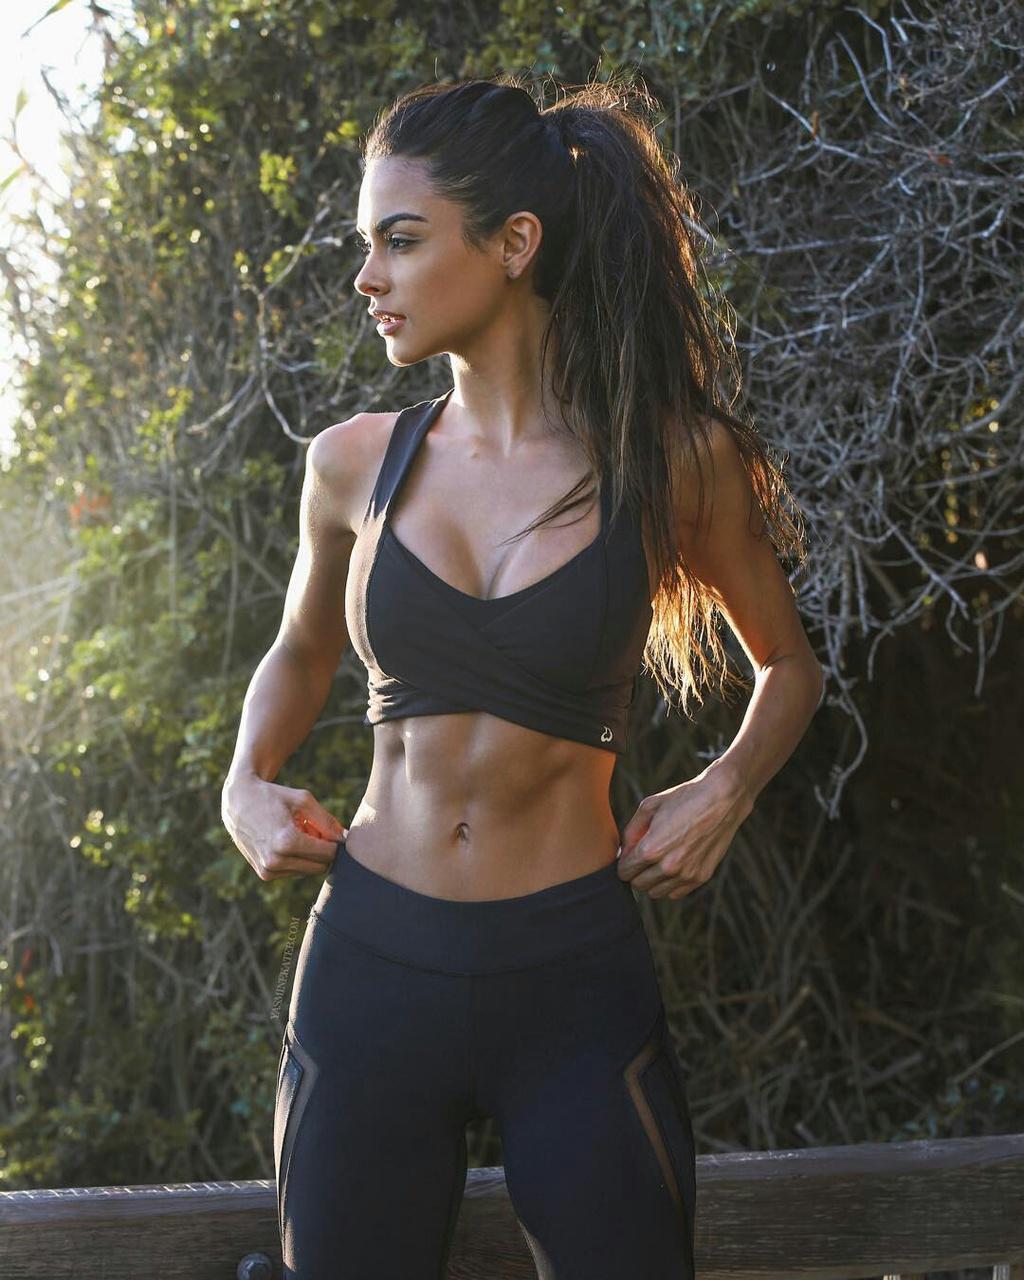 Nếu đã chọn tập gym thì nên biết 9 điều này để đạt hiệu quả tốt hơn - Ảnh 1.